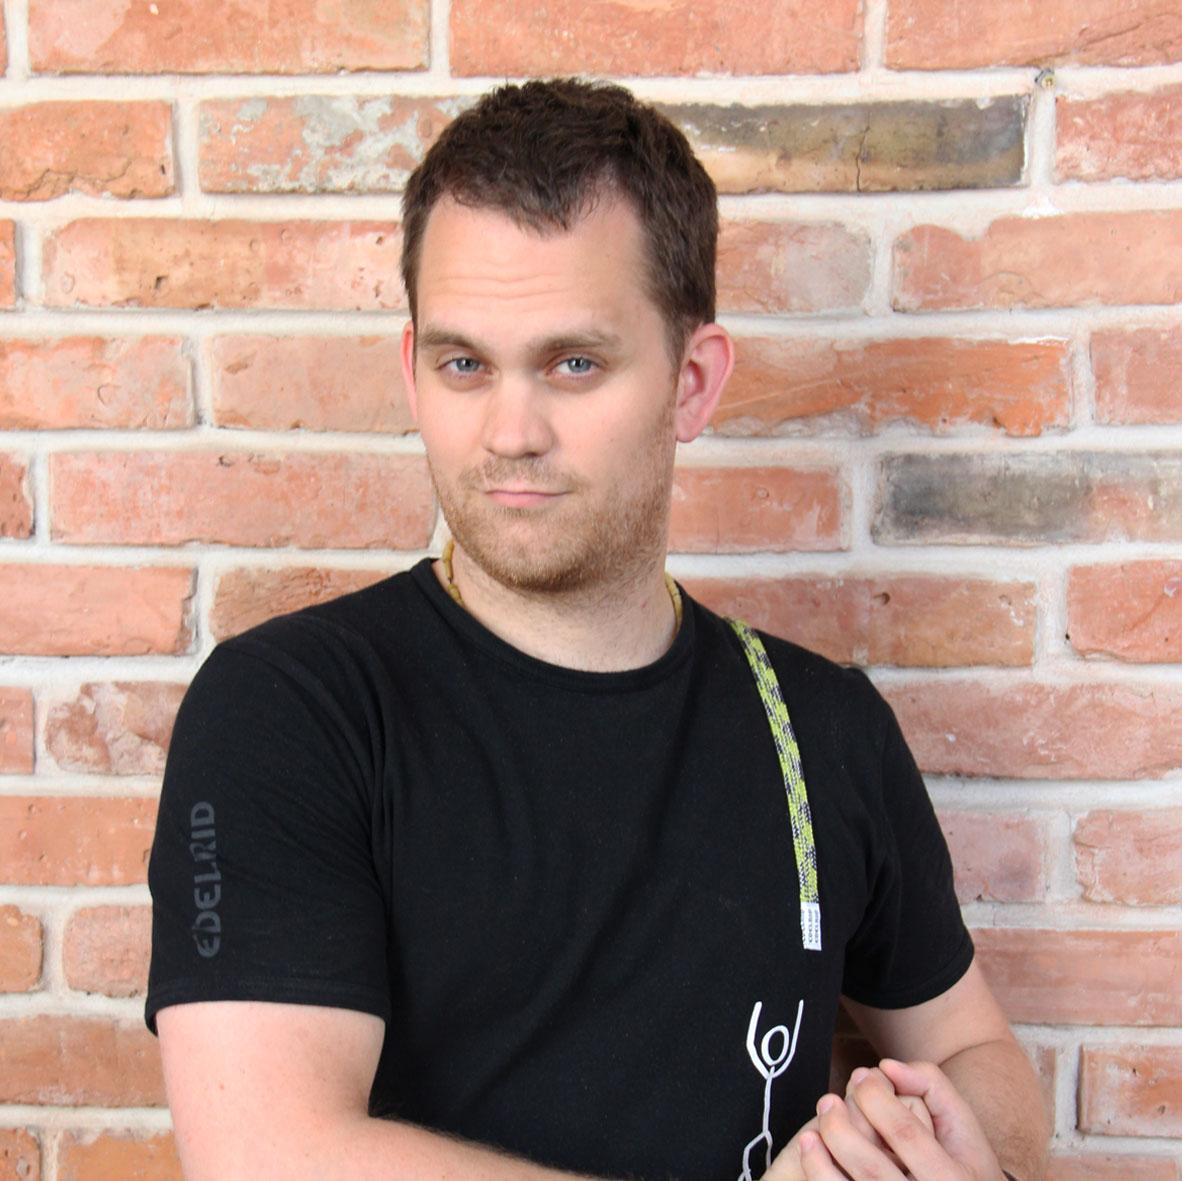 Ján Brtáň